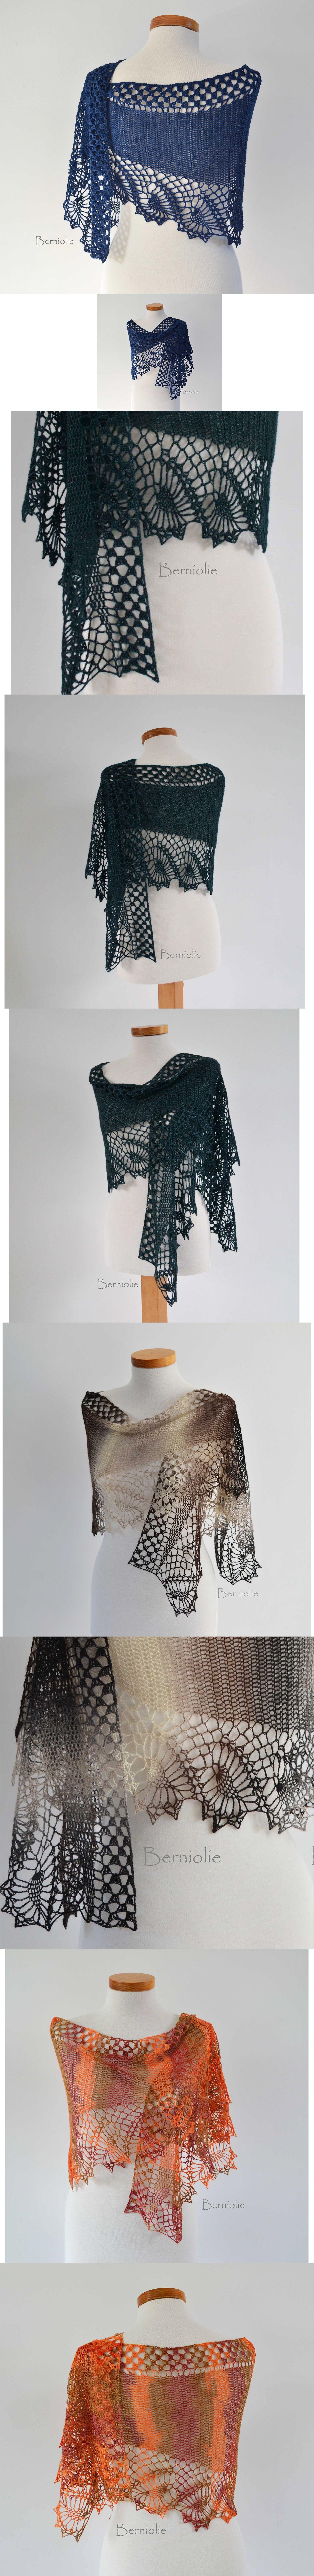 Oswin pattern by Bernadette Ambergen   Tücher, Schals und Stricken